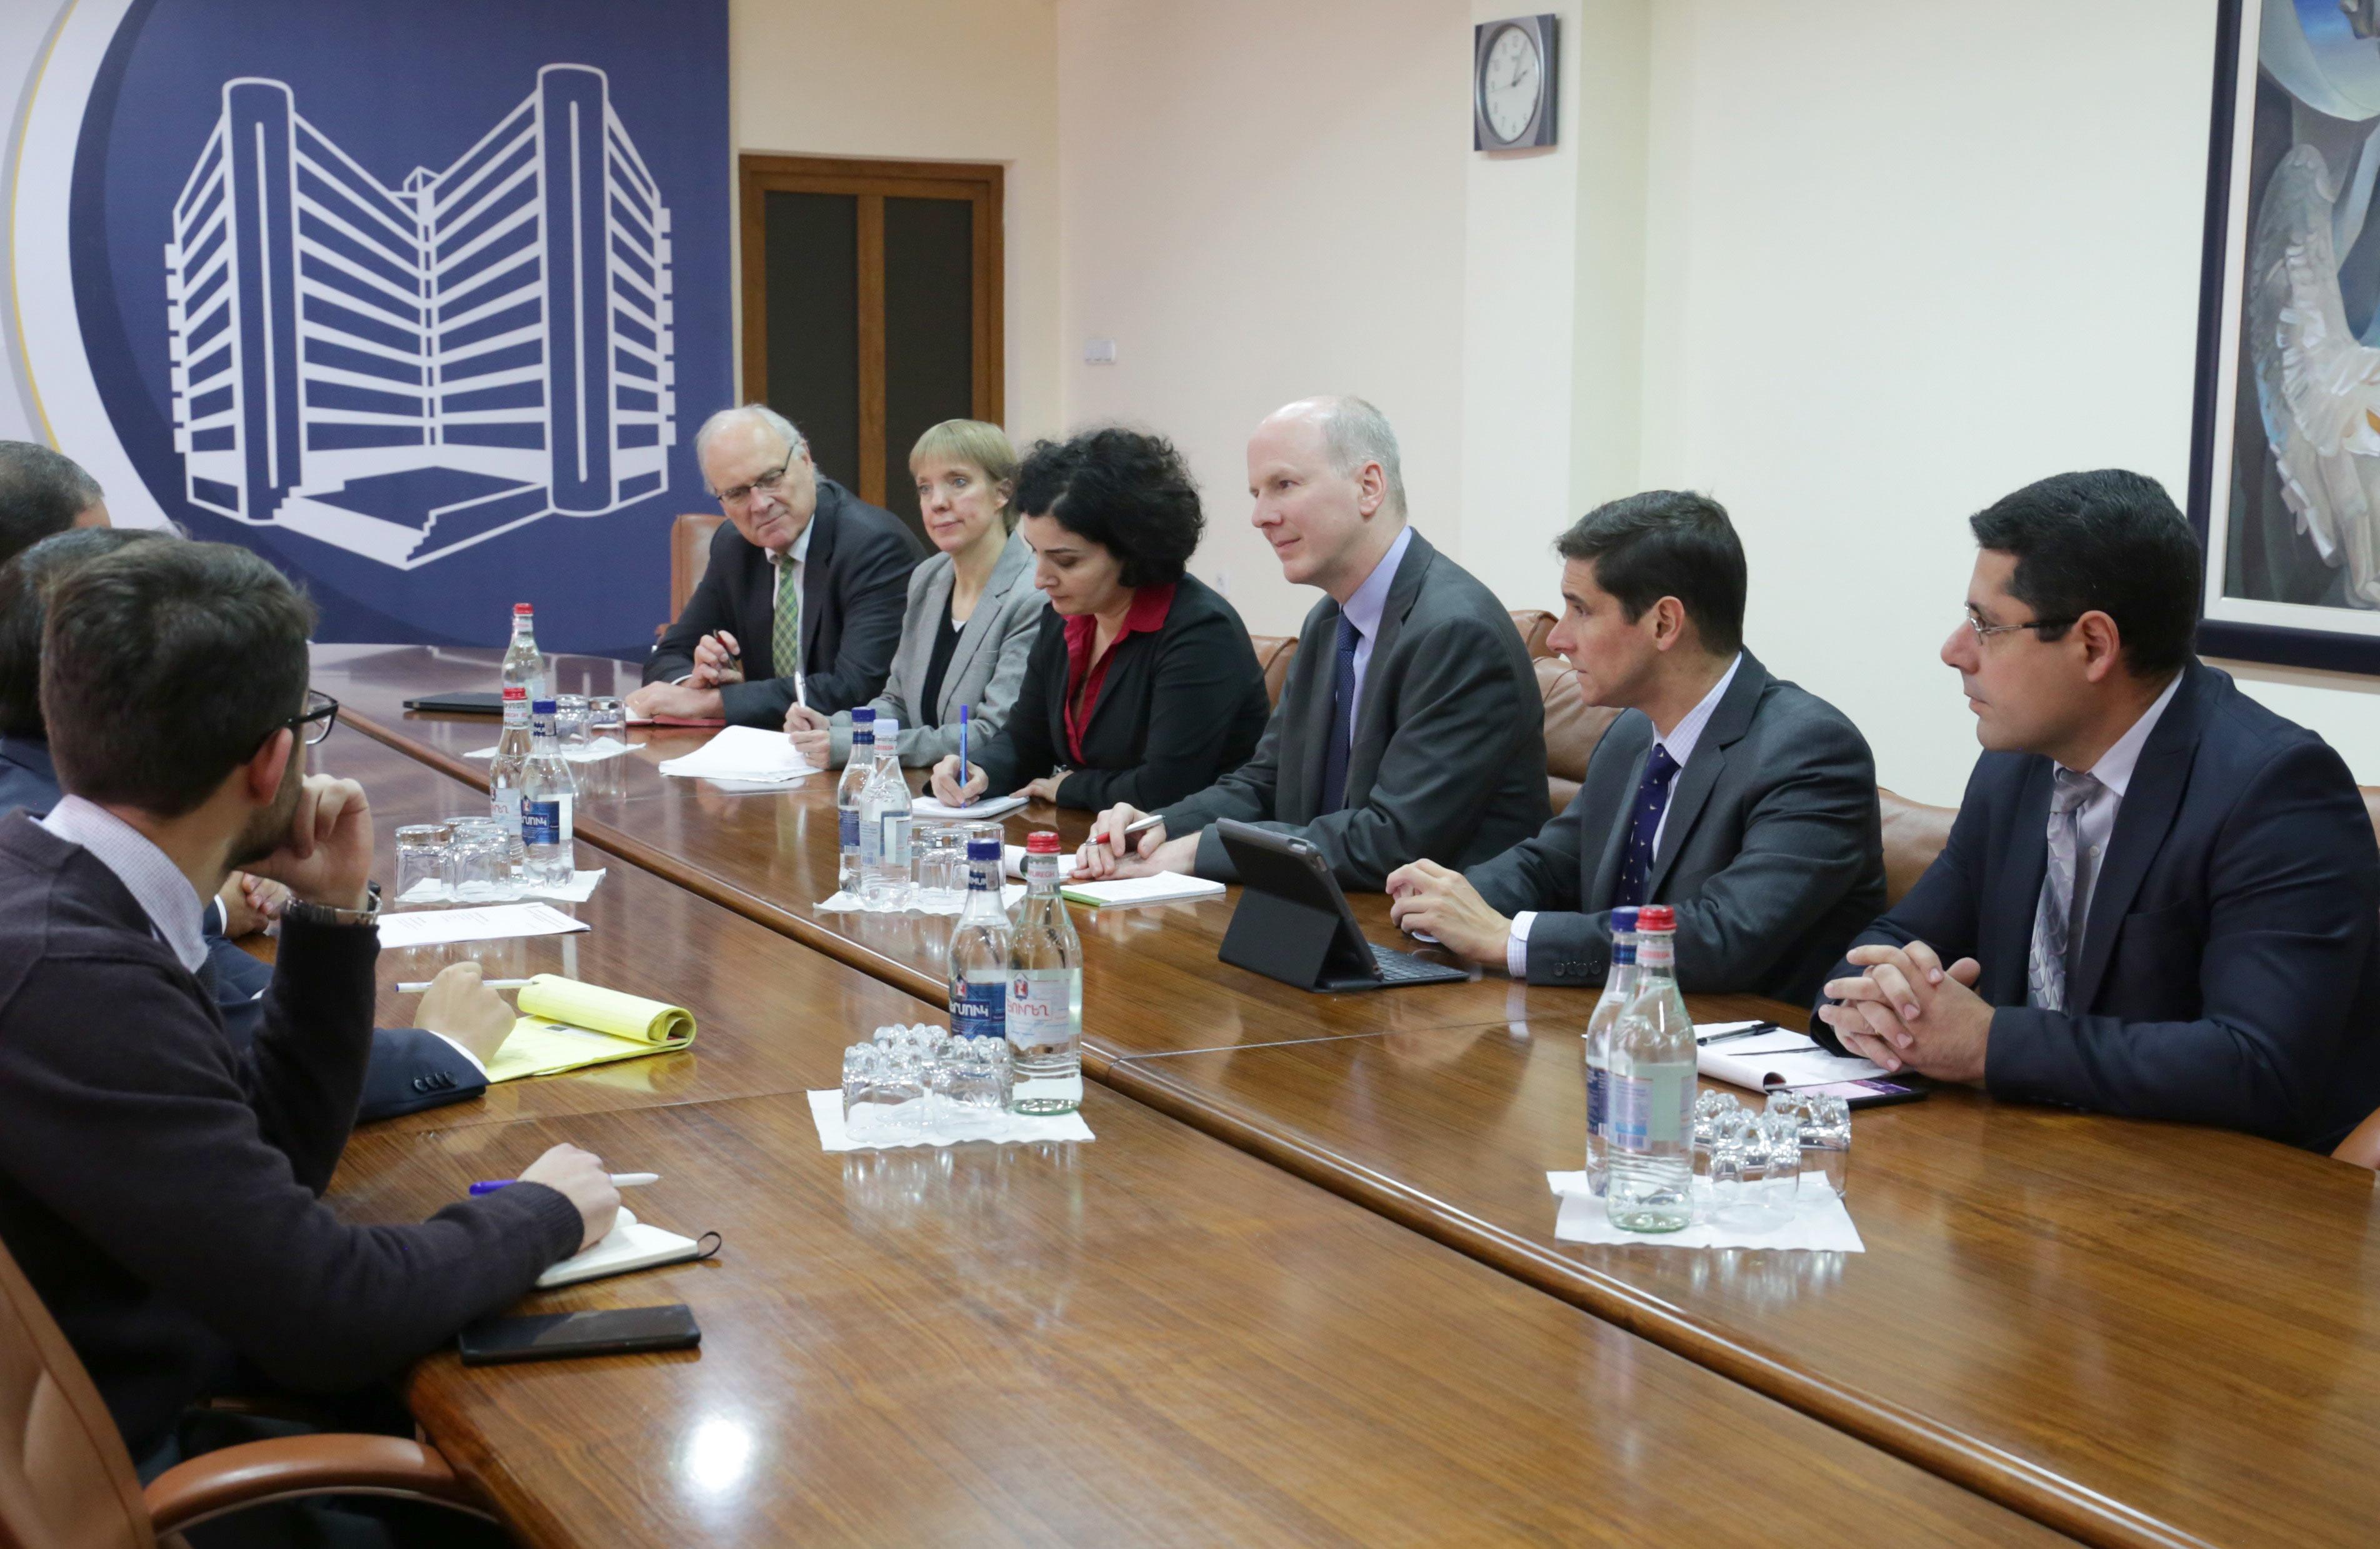 Նախարար Խաչատրյանը ԱՄՀ-ի հետ քննարկել է հանրային ներդրումների կառավարման շրջանակը